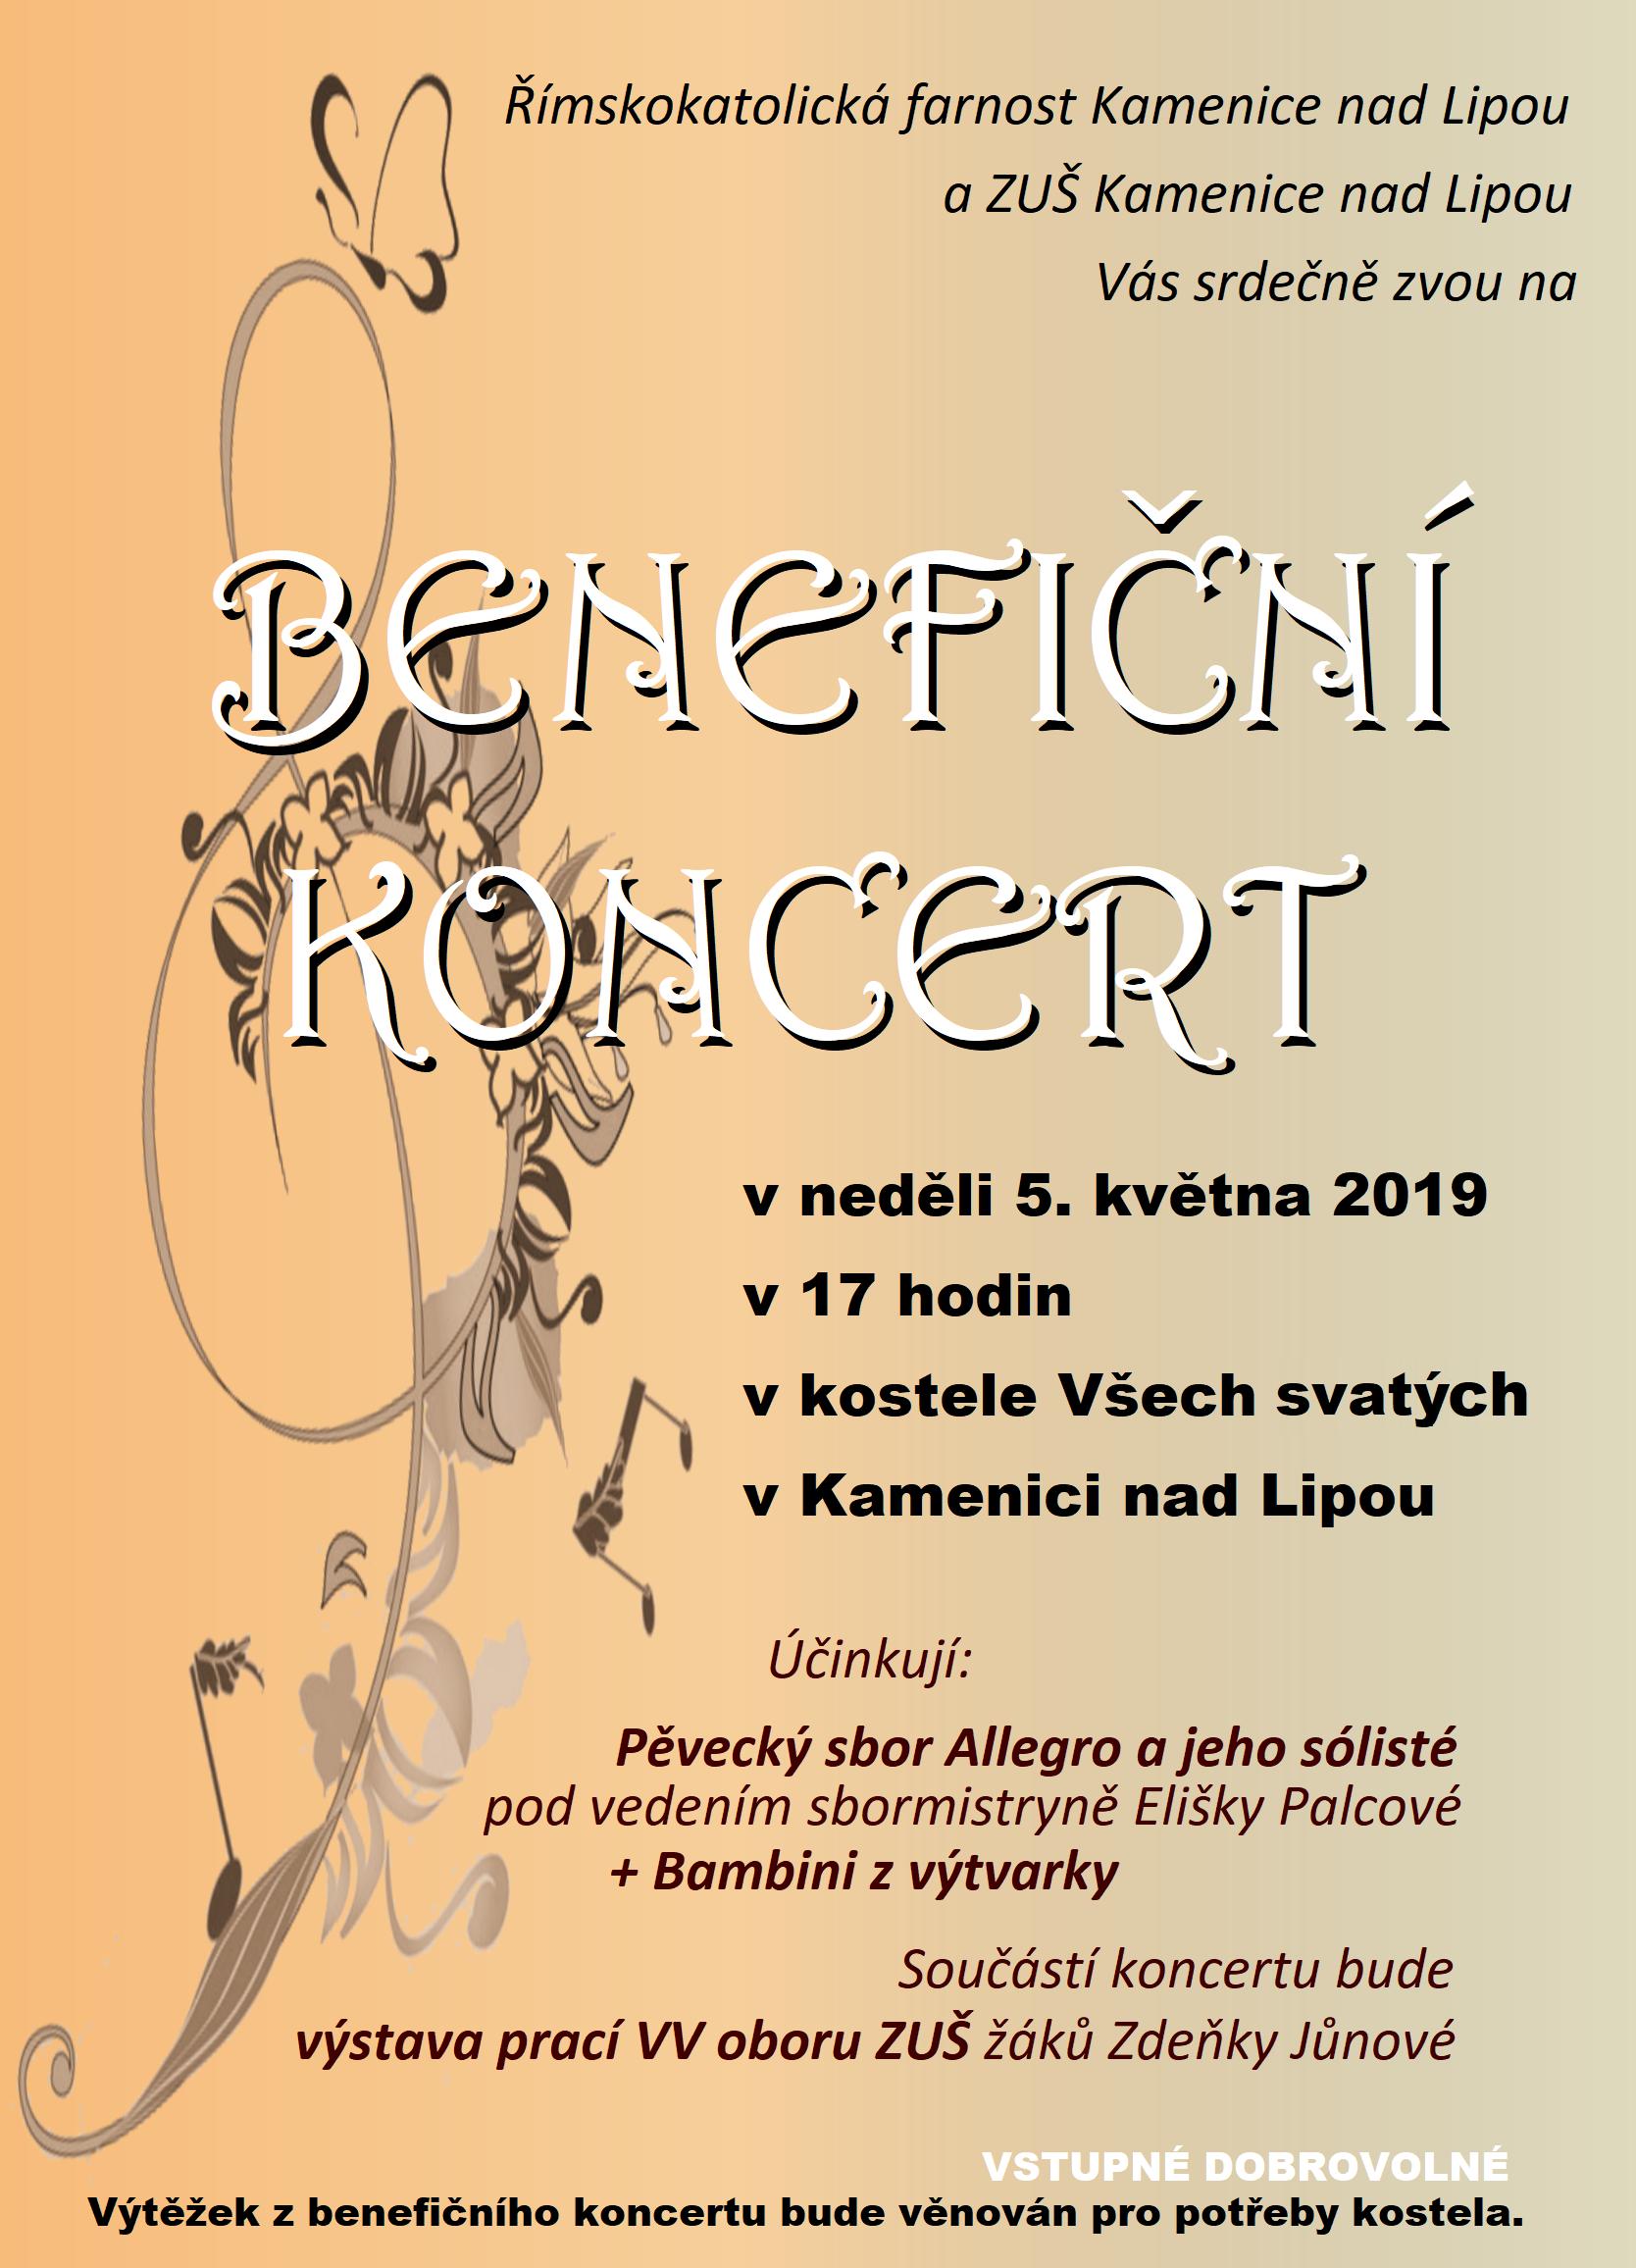 5. 5. 2019 - BENEFIČNÍ KONCERT KAMENICE NAD LIPOU